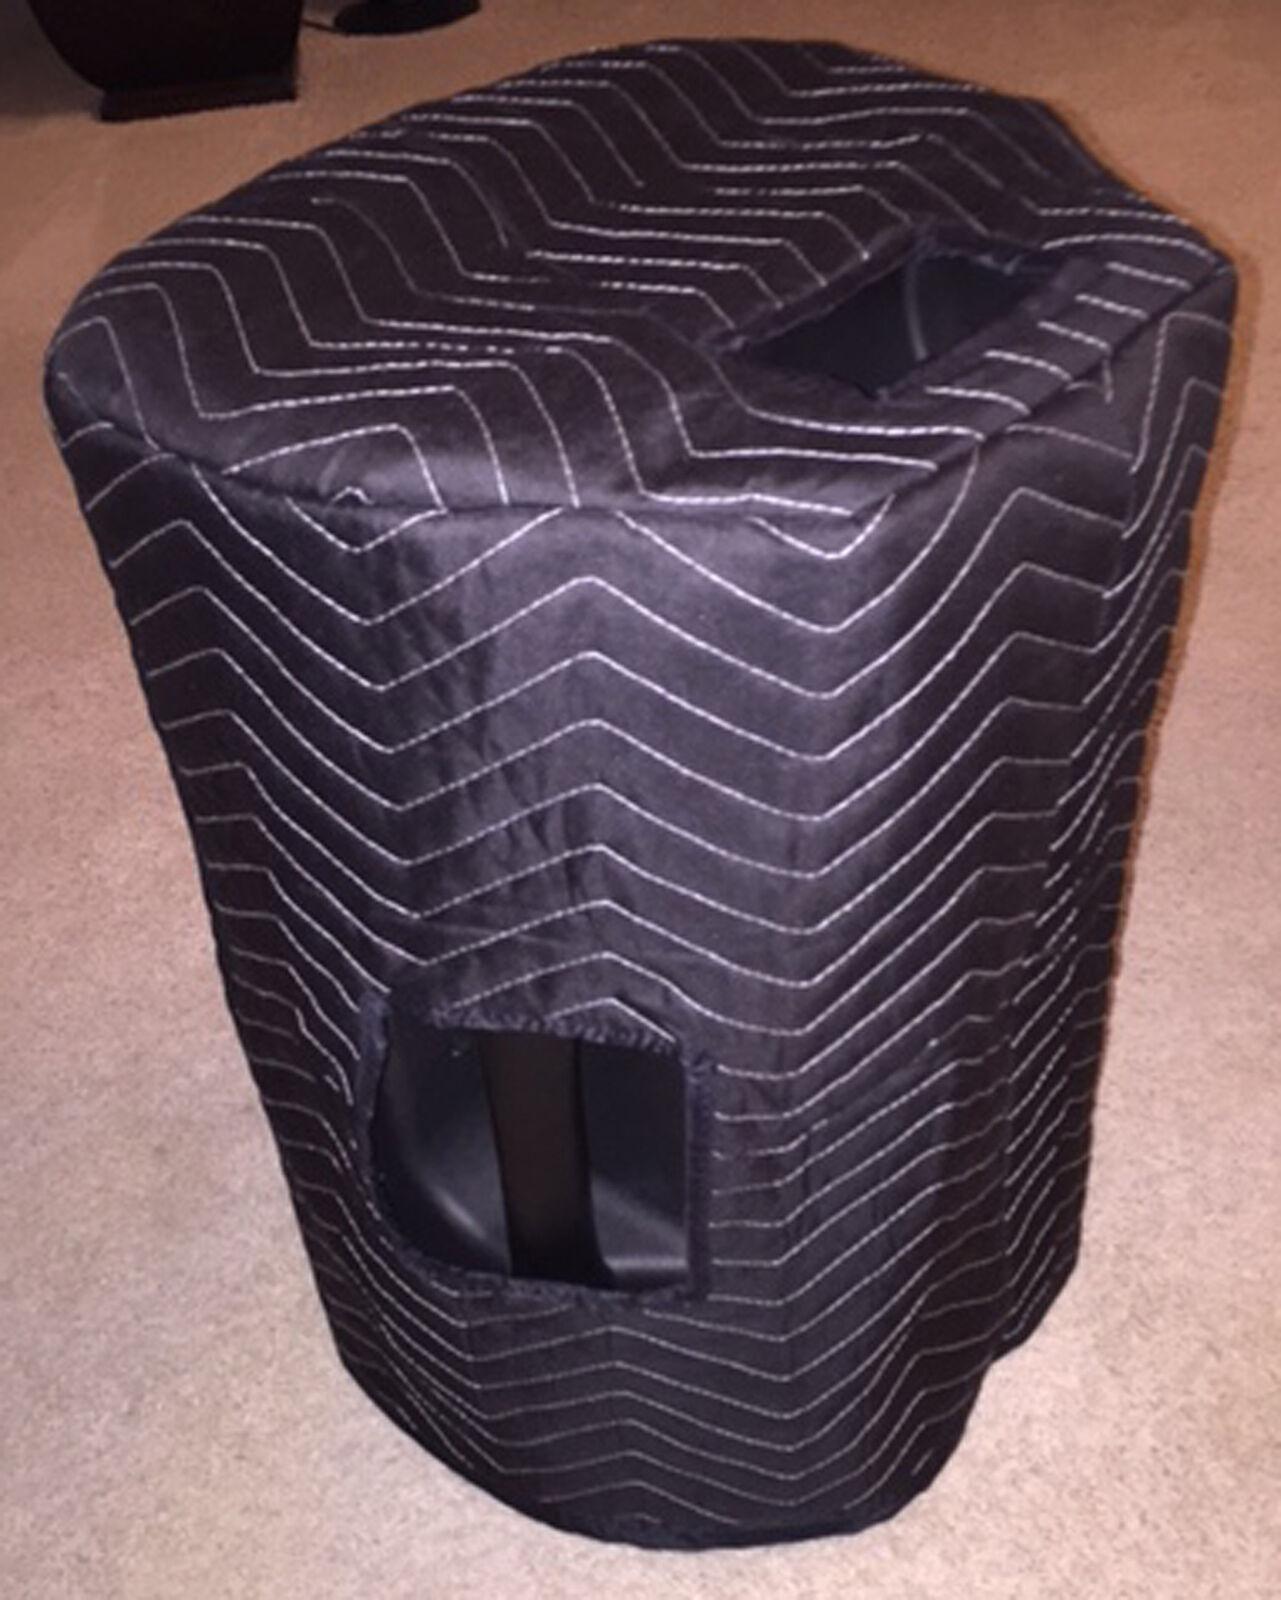 HARBINGER V2112 V2212 Premium Padded schwarz Covers (2) - Quantity of 1 = 1 Pair